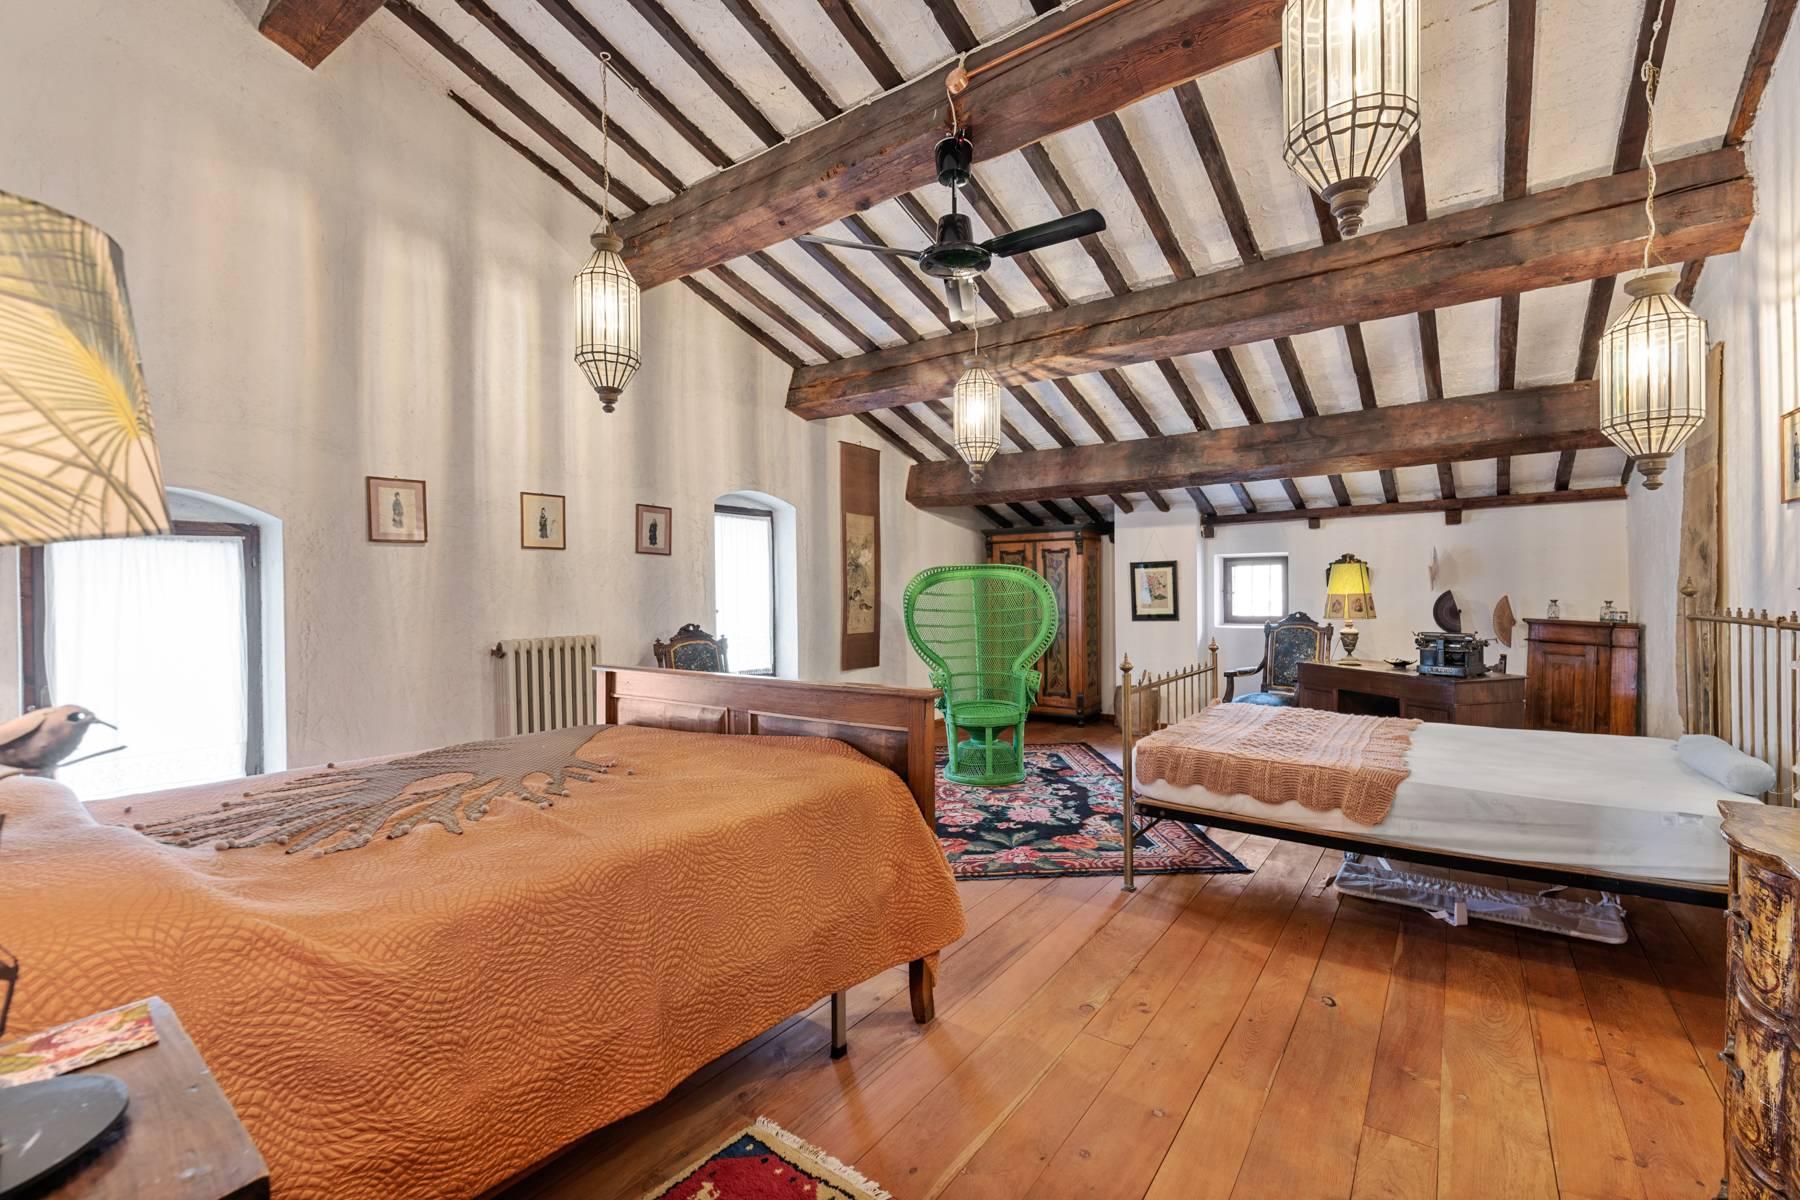 Rustico in Vendita a Caprino Veronese: 5 locali, 770 mq - Foto 21